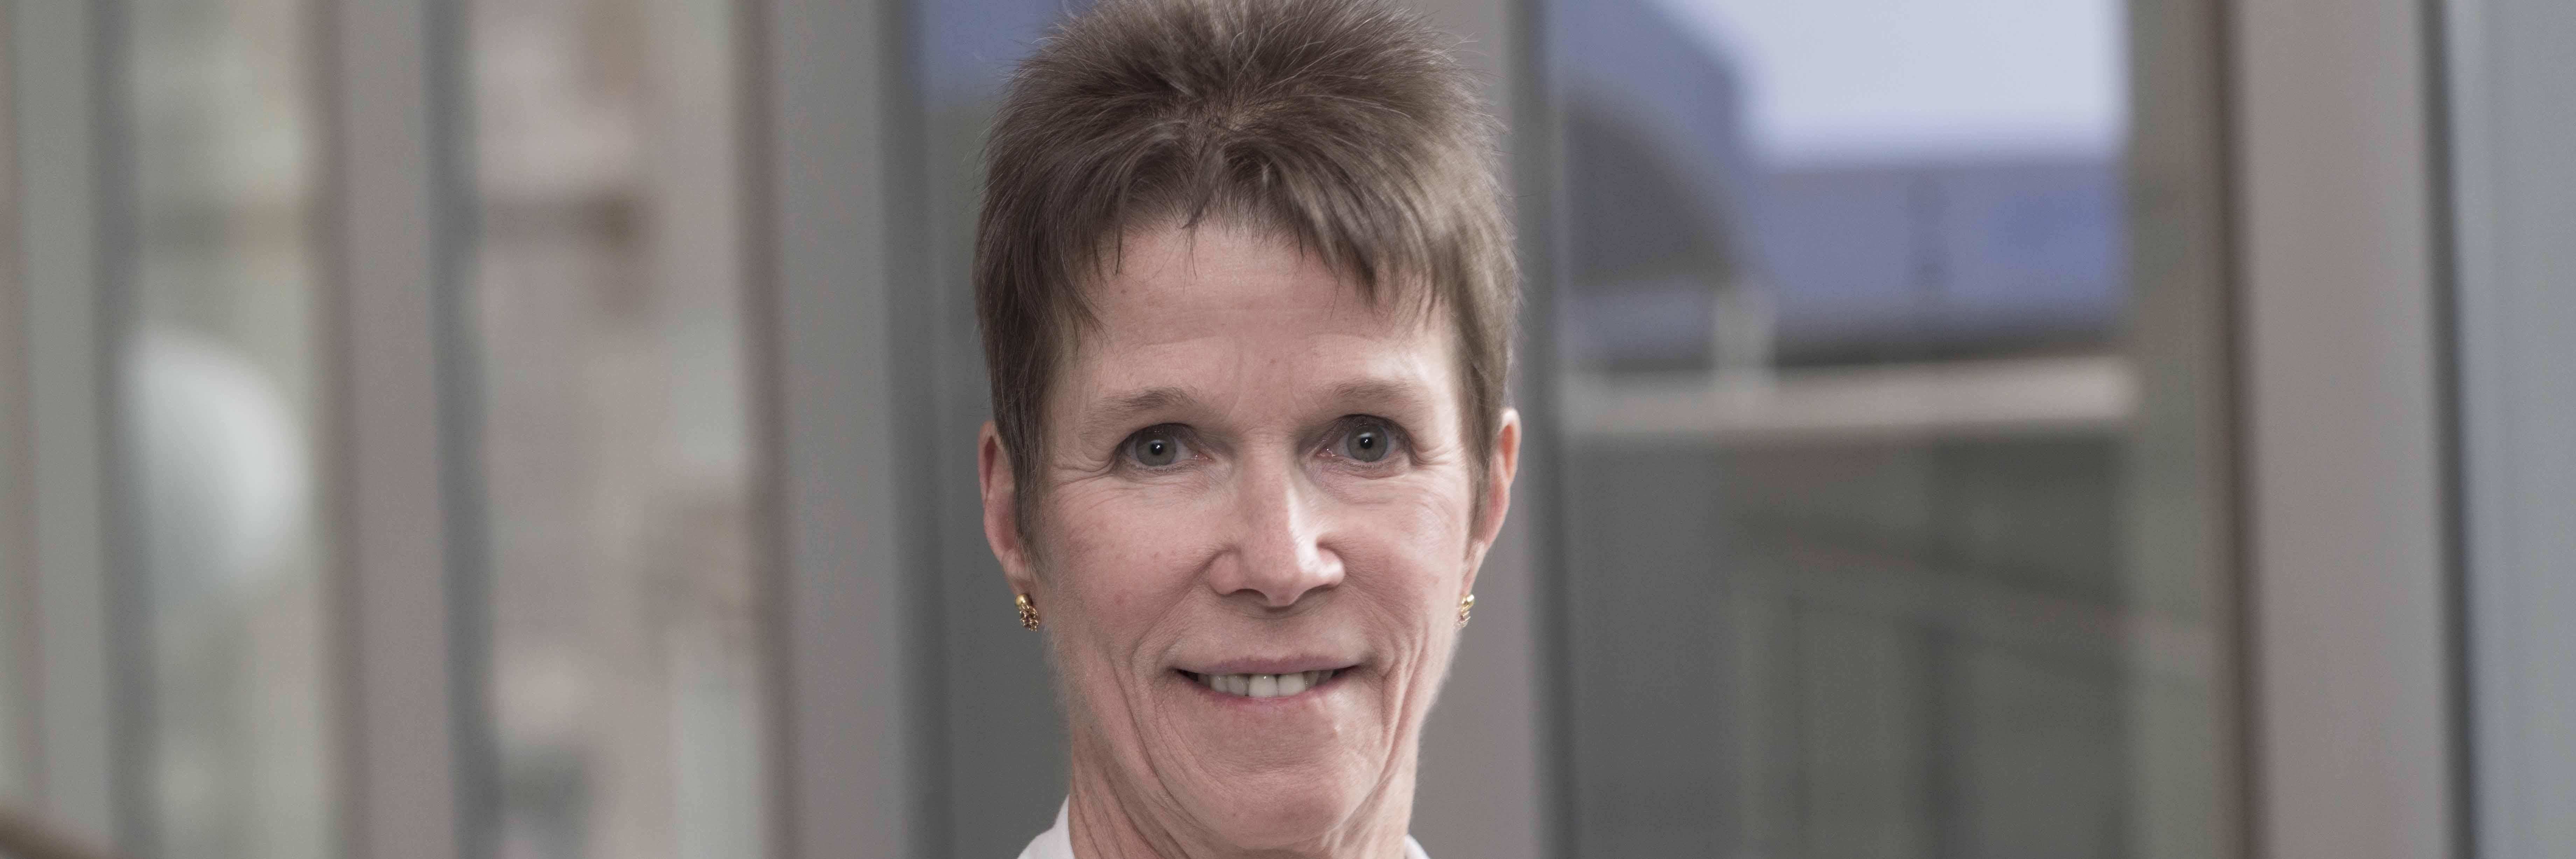 Memorial Sloan Kettering radiologist Karen Brown